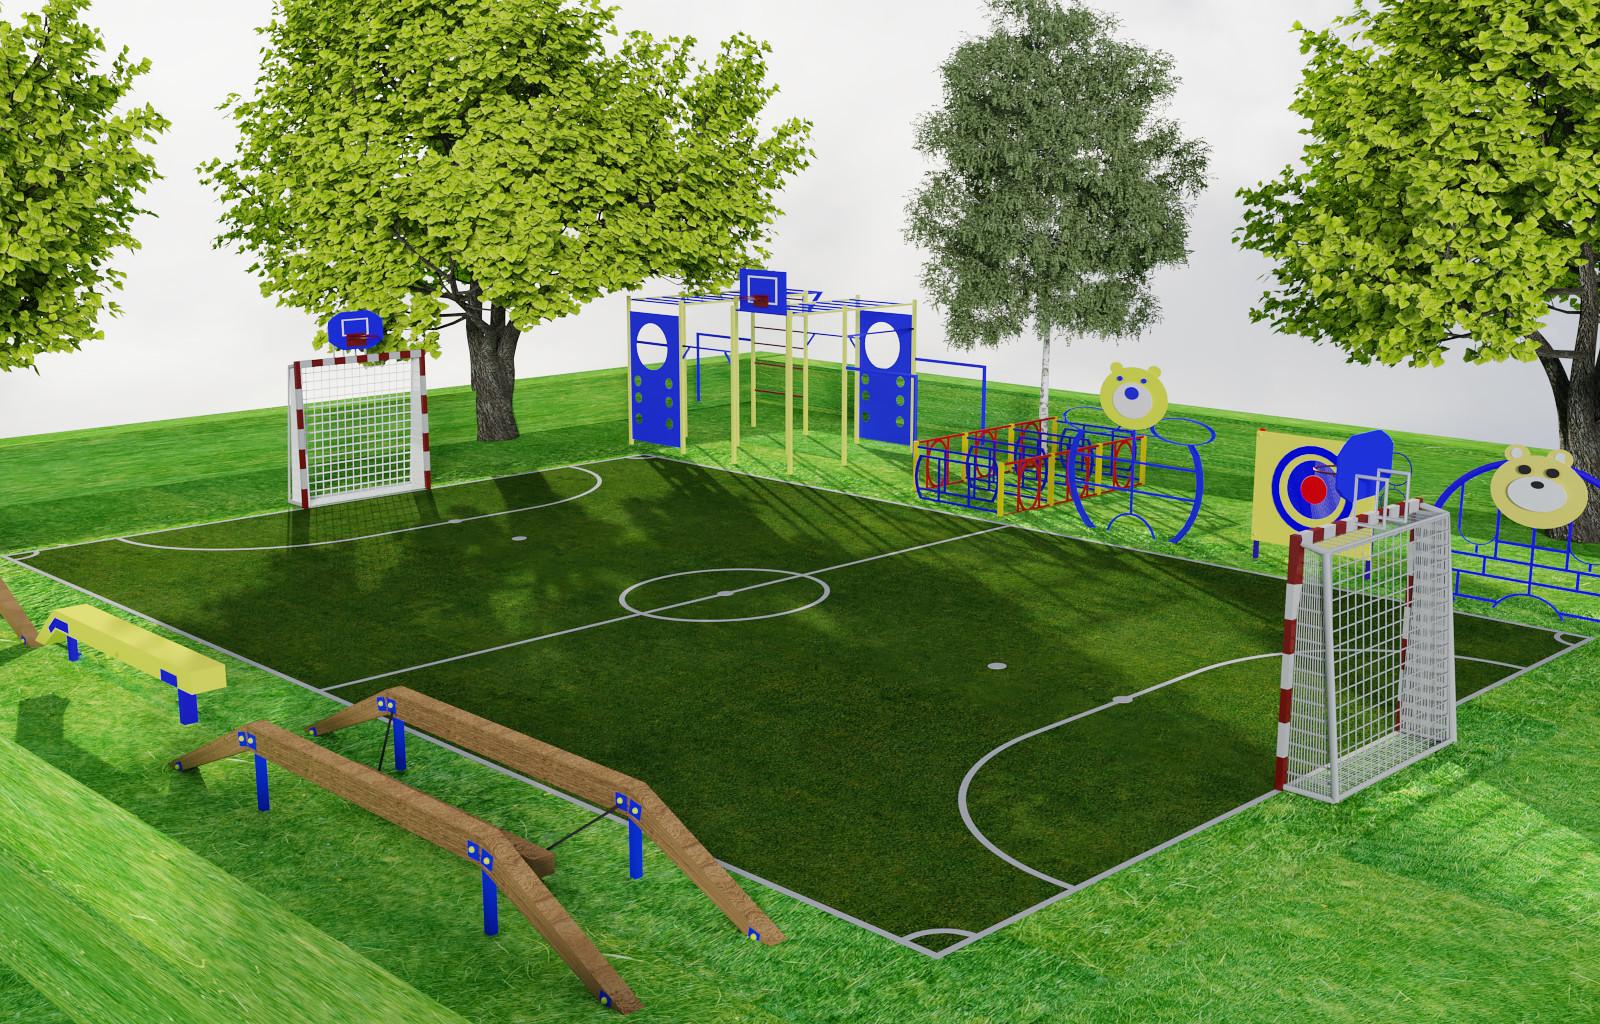 шаблону картинки оборудования для спортивных площадок позволяет